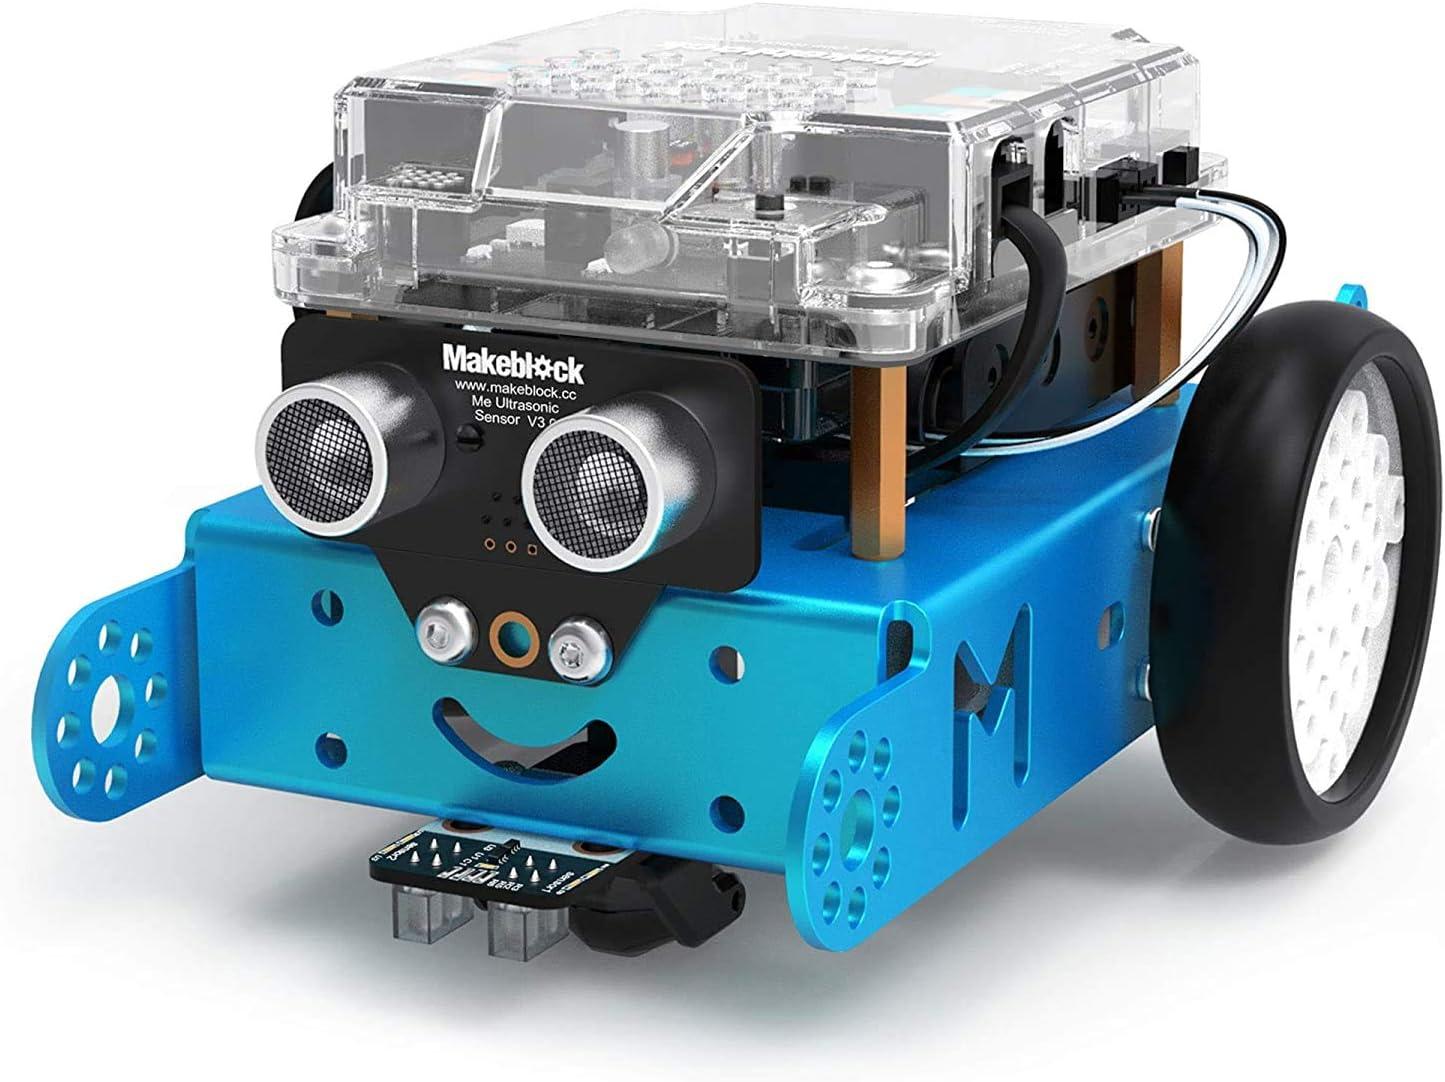 Makeblock mBot Juguete Stem Robots programables para niño Juguetes Controlados a Distancia